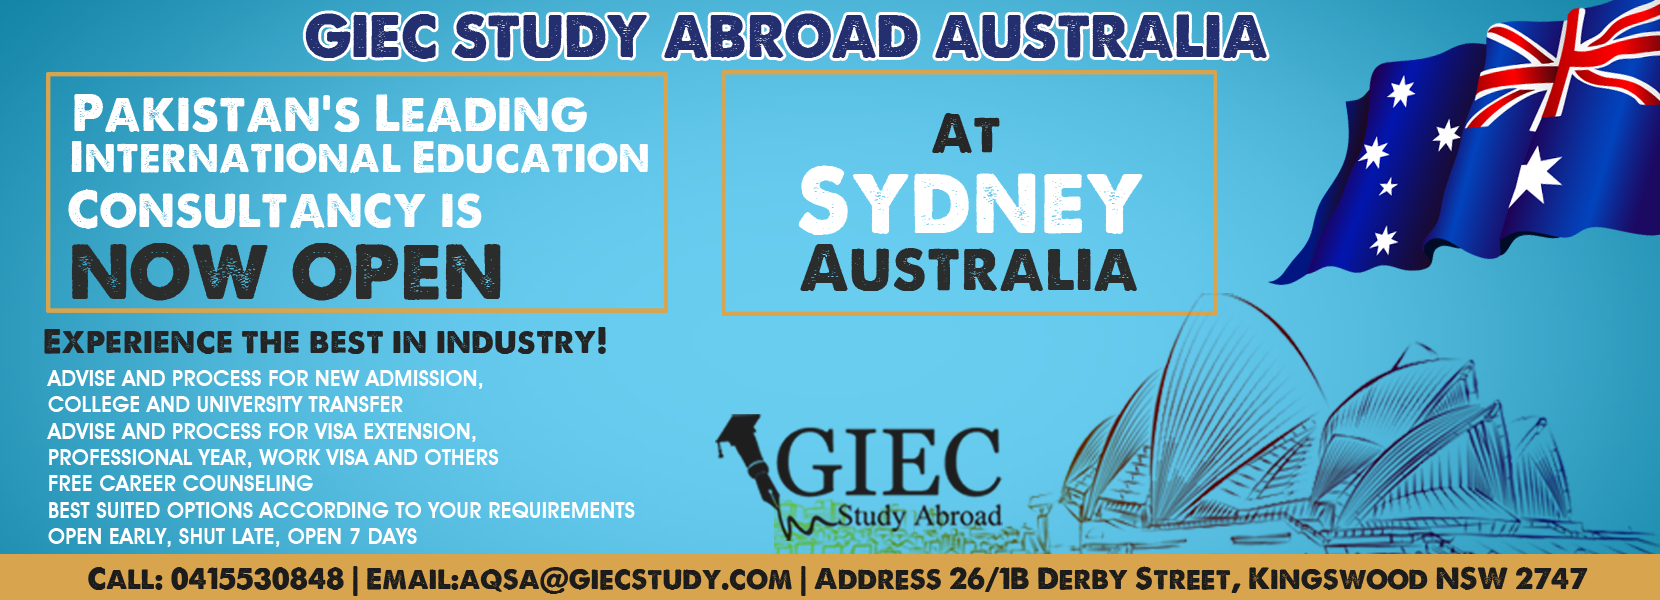 Sydney-aus-banner